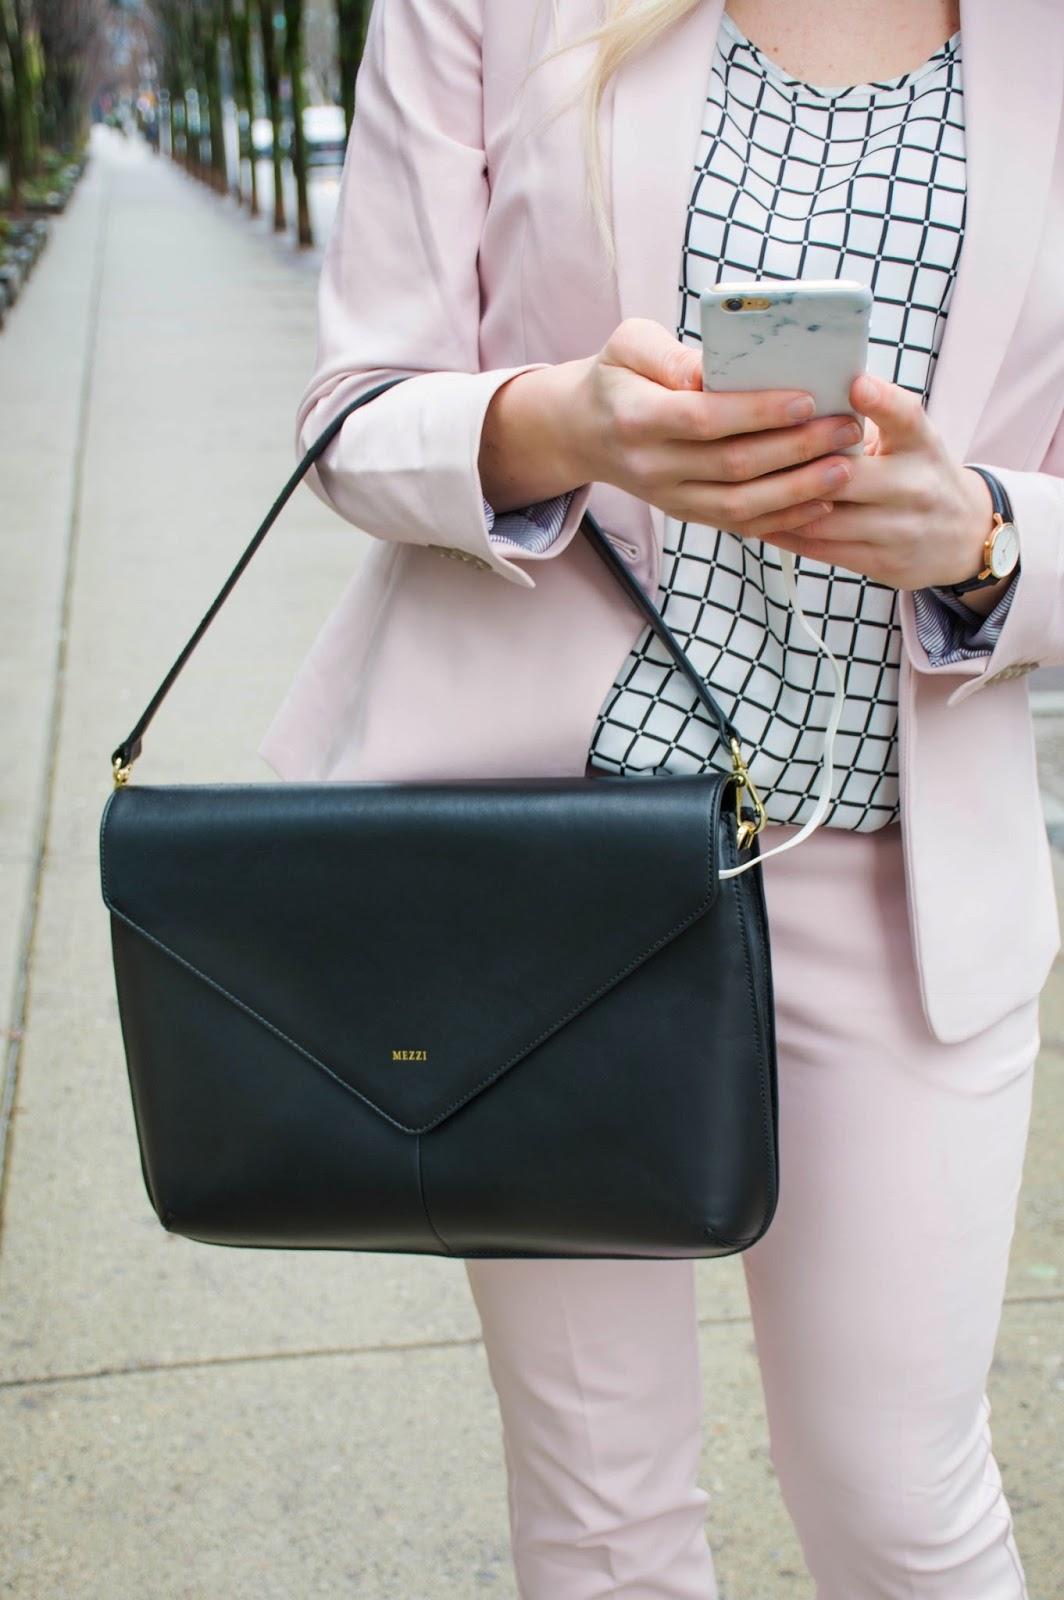 mezzi ada laptop bag